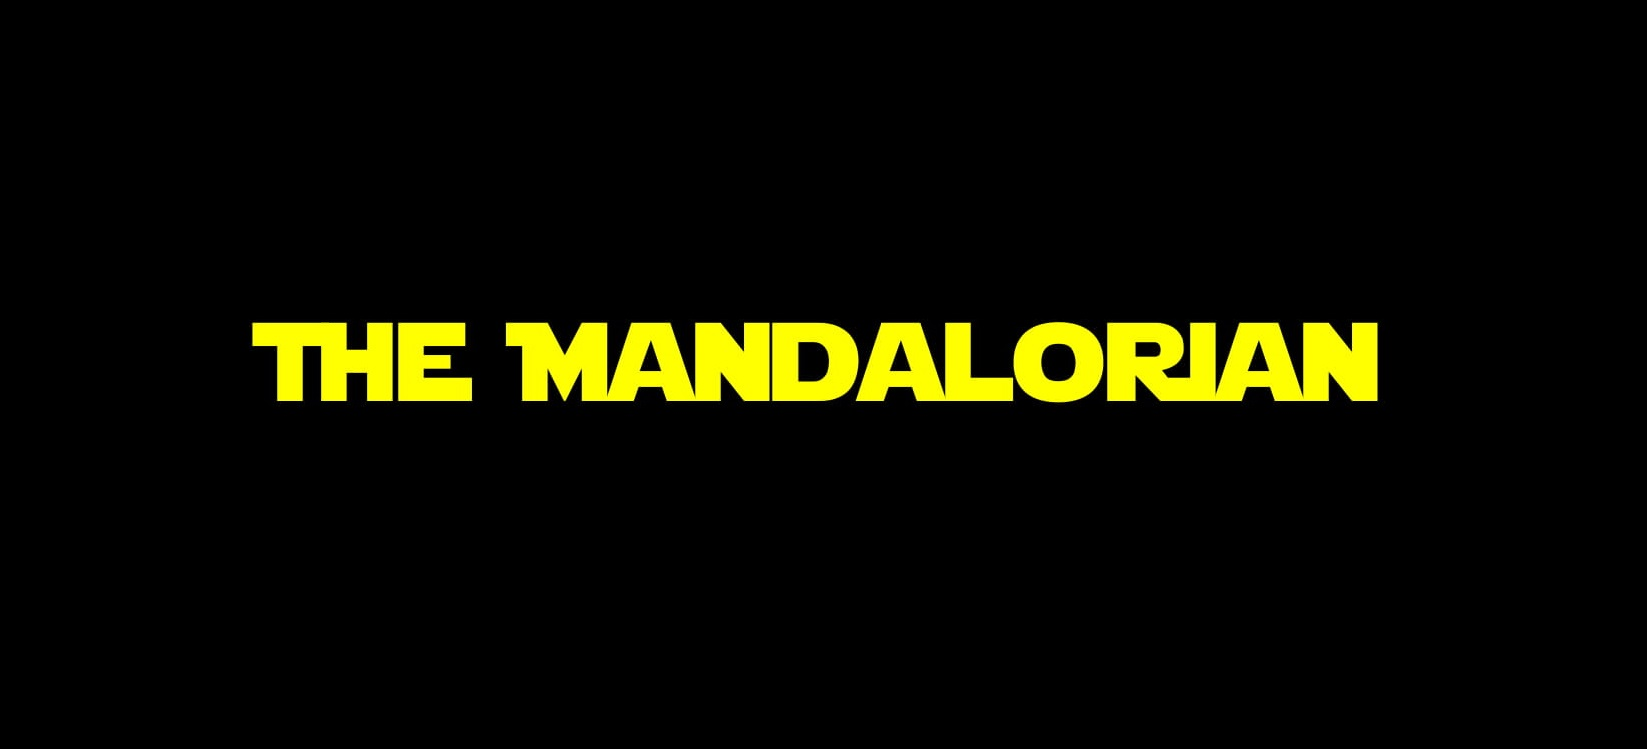 the mandalorian-1